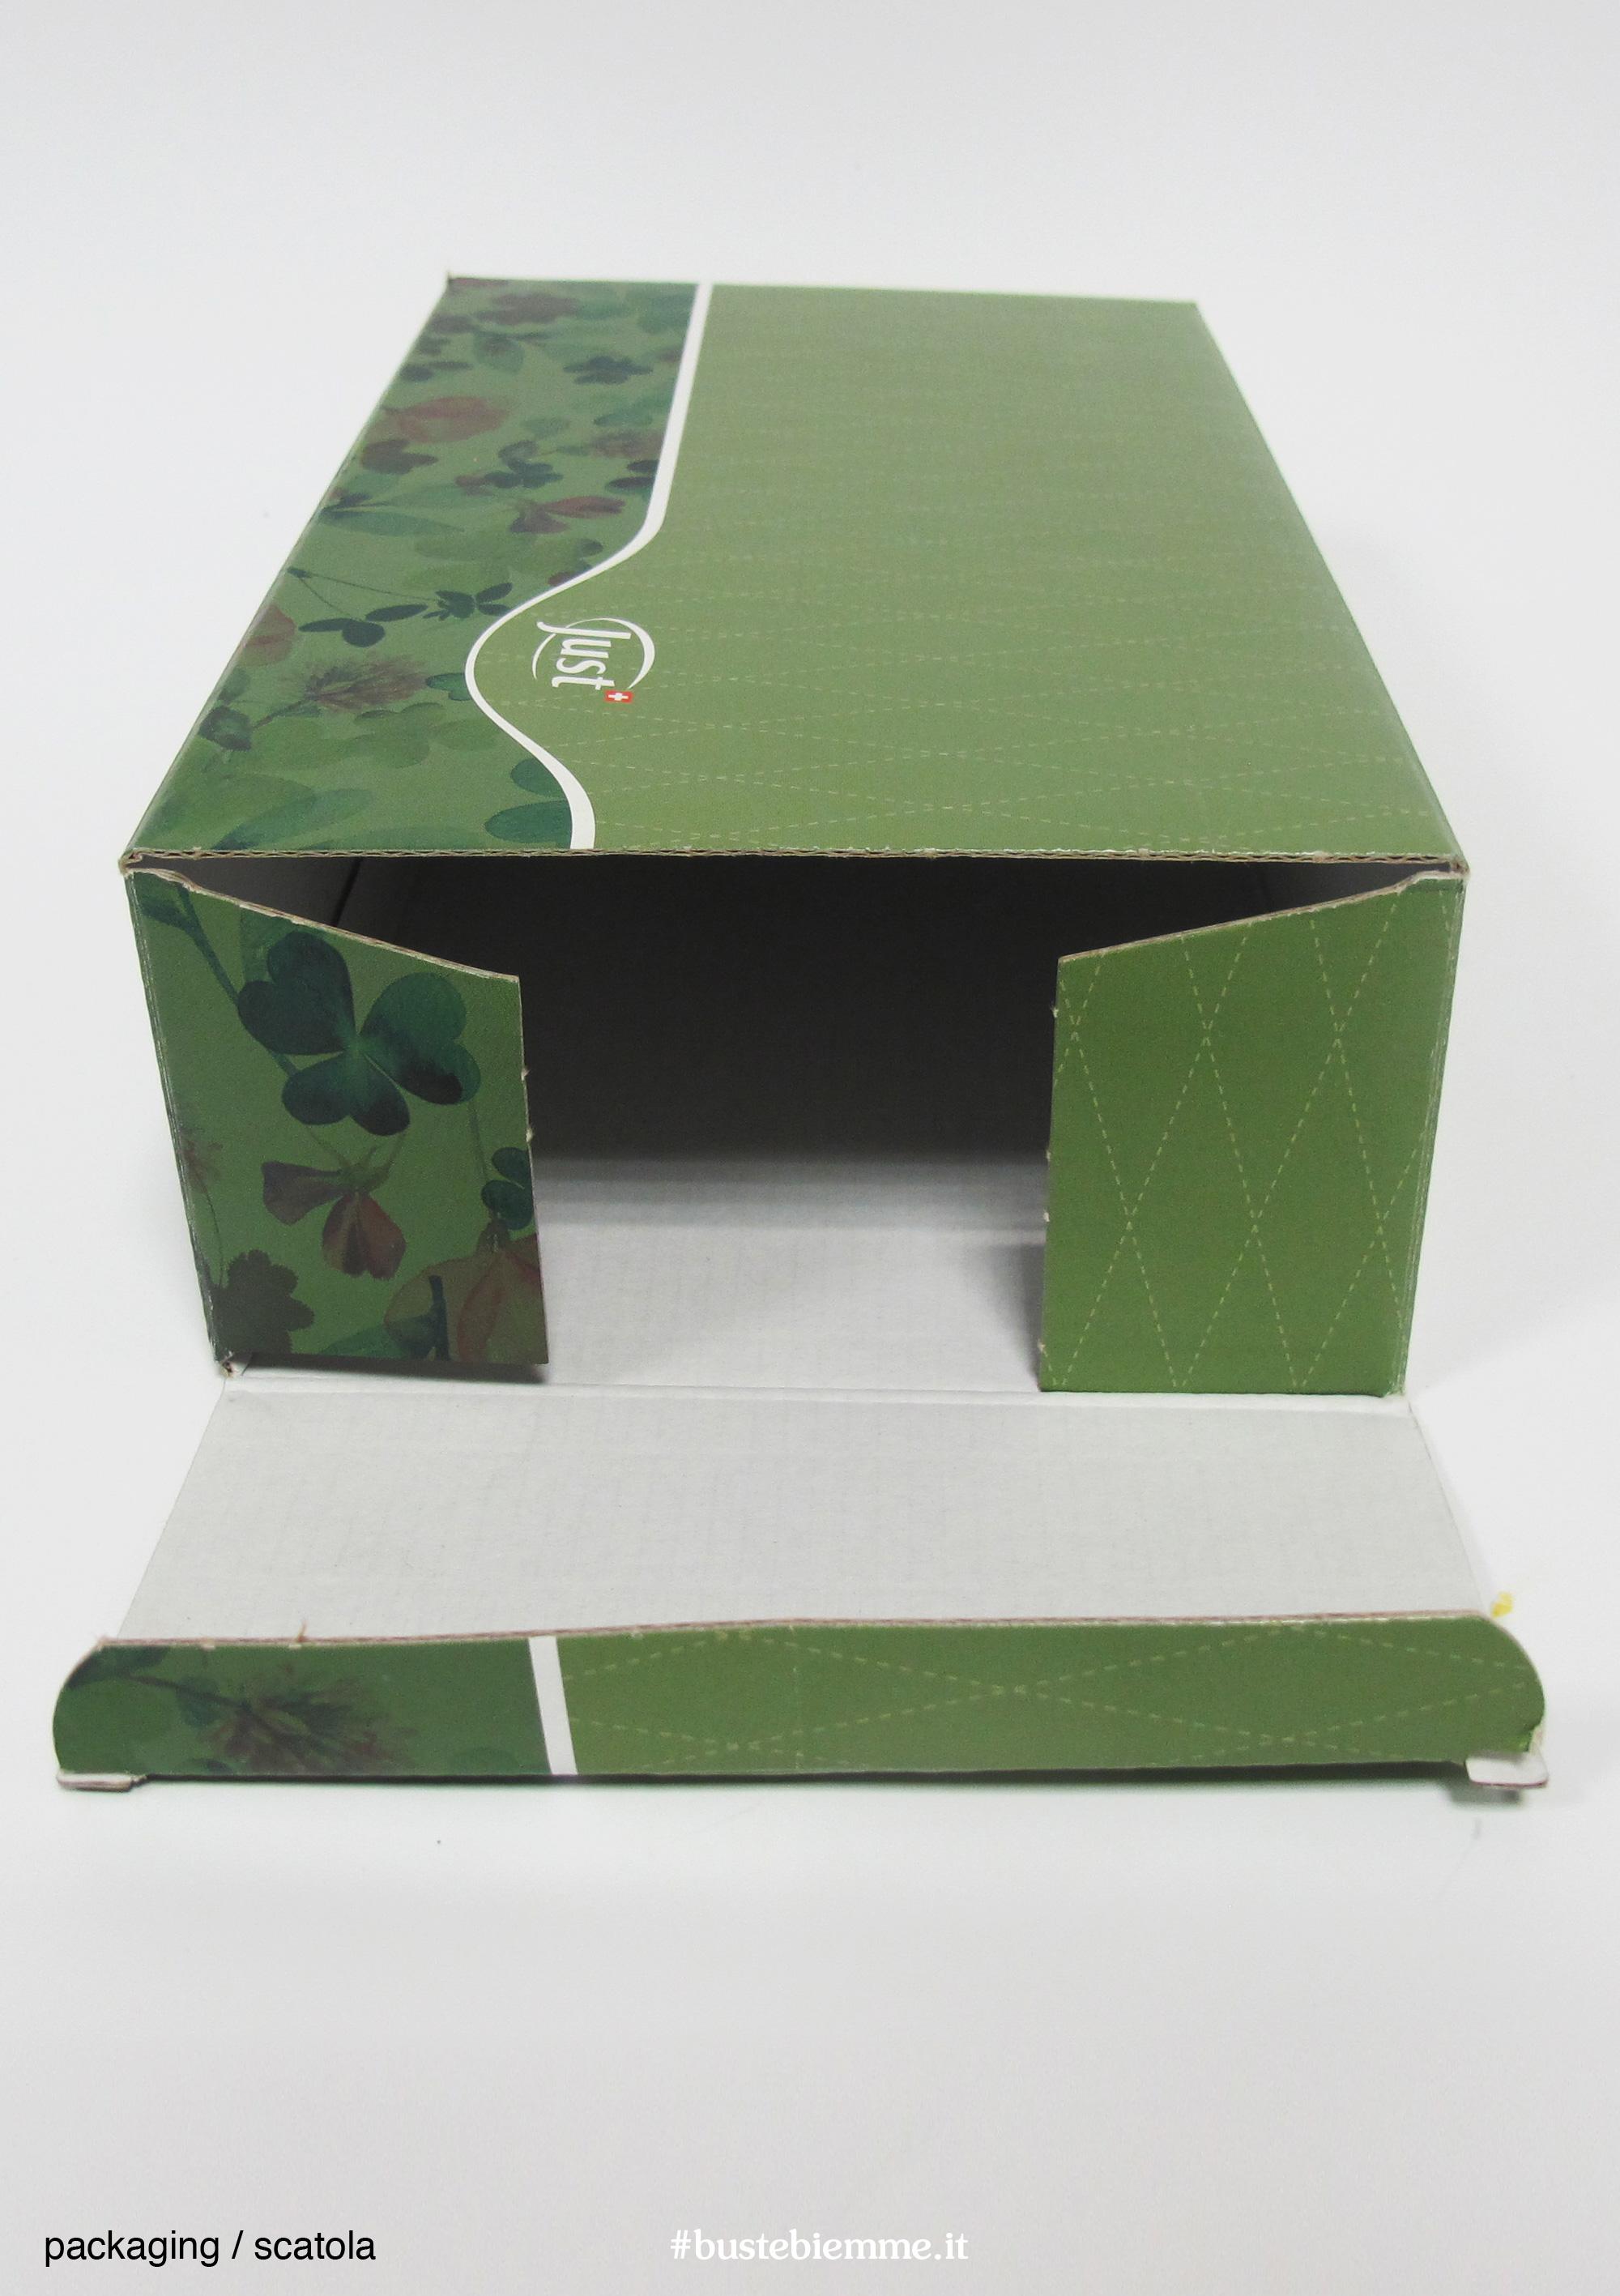 scatola automontante personalizzata con chiusura a libro